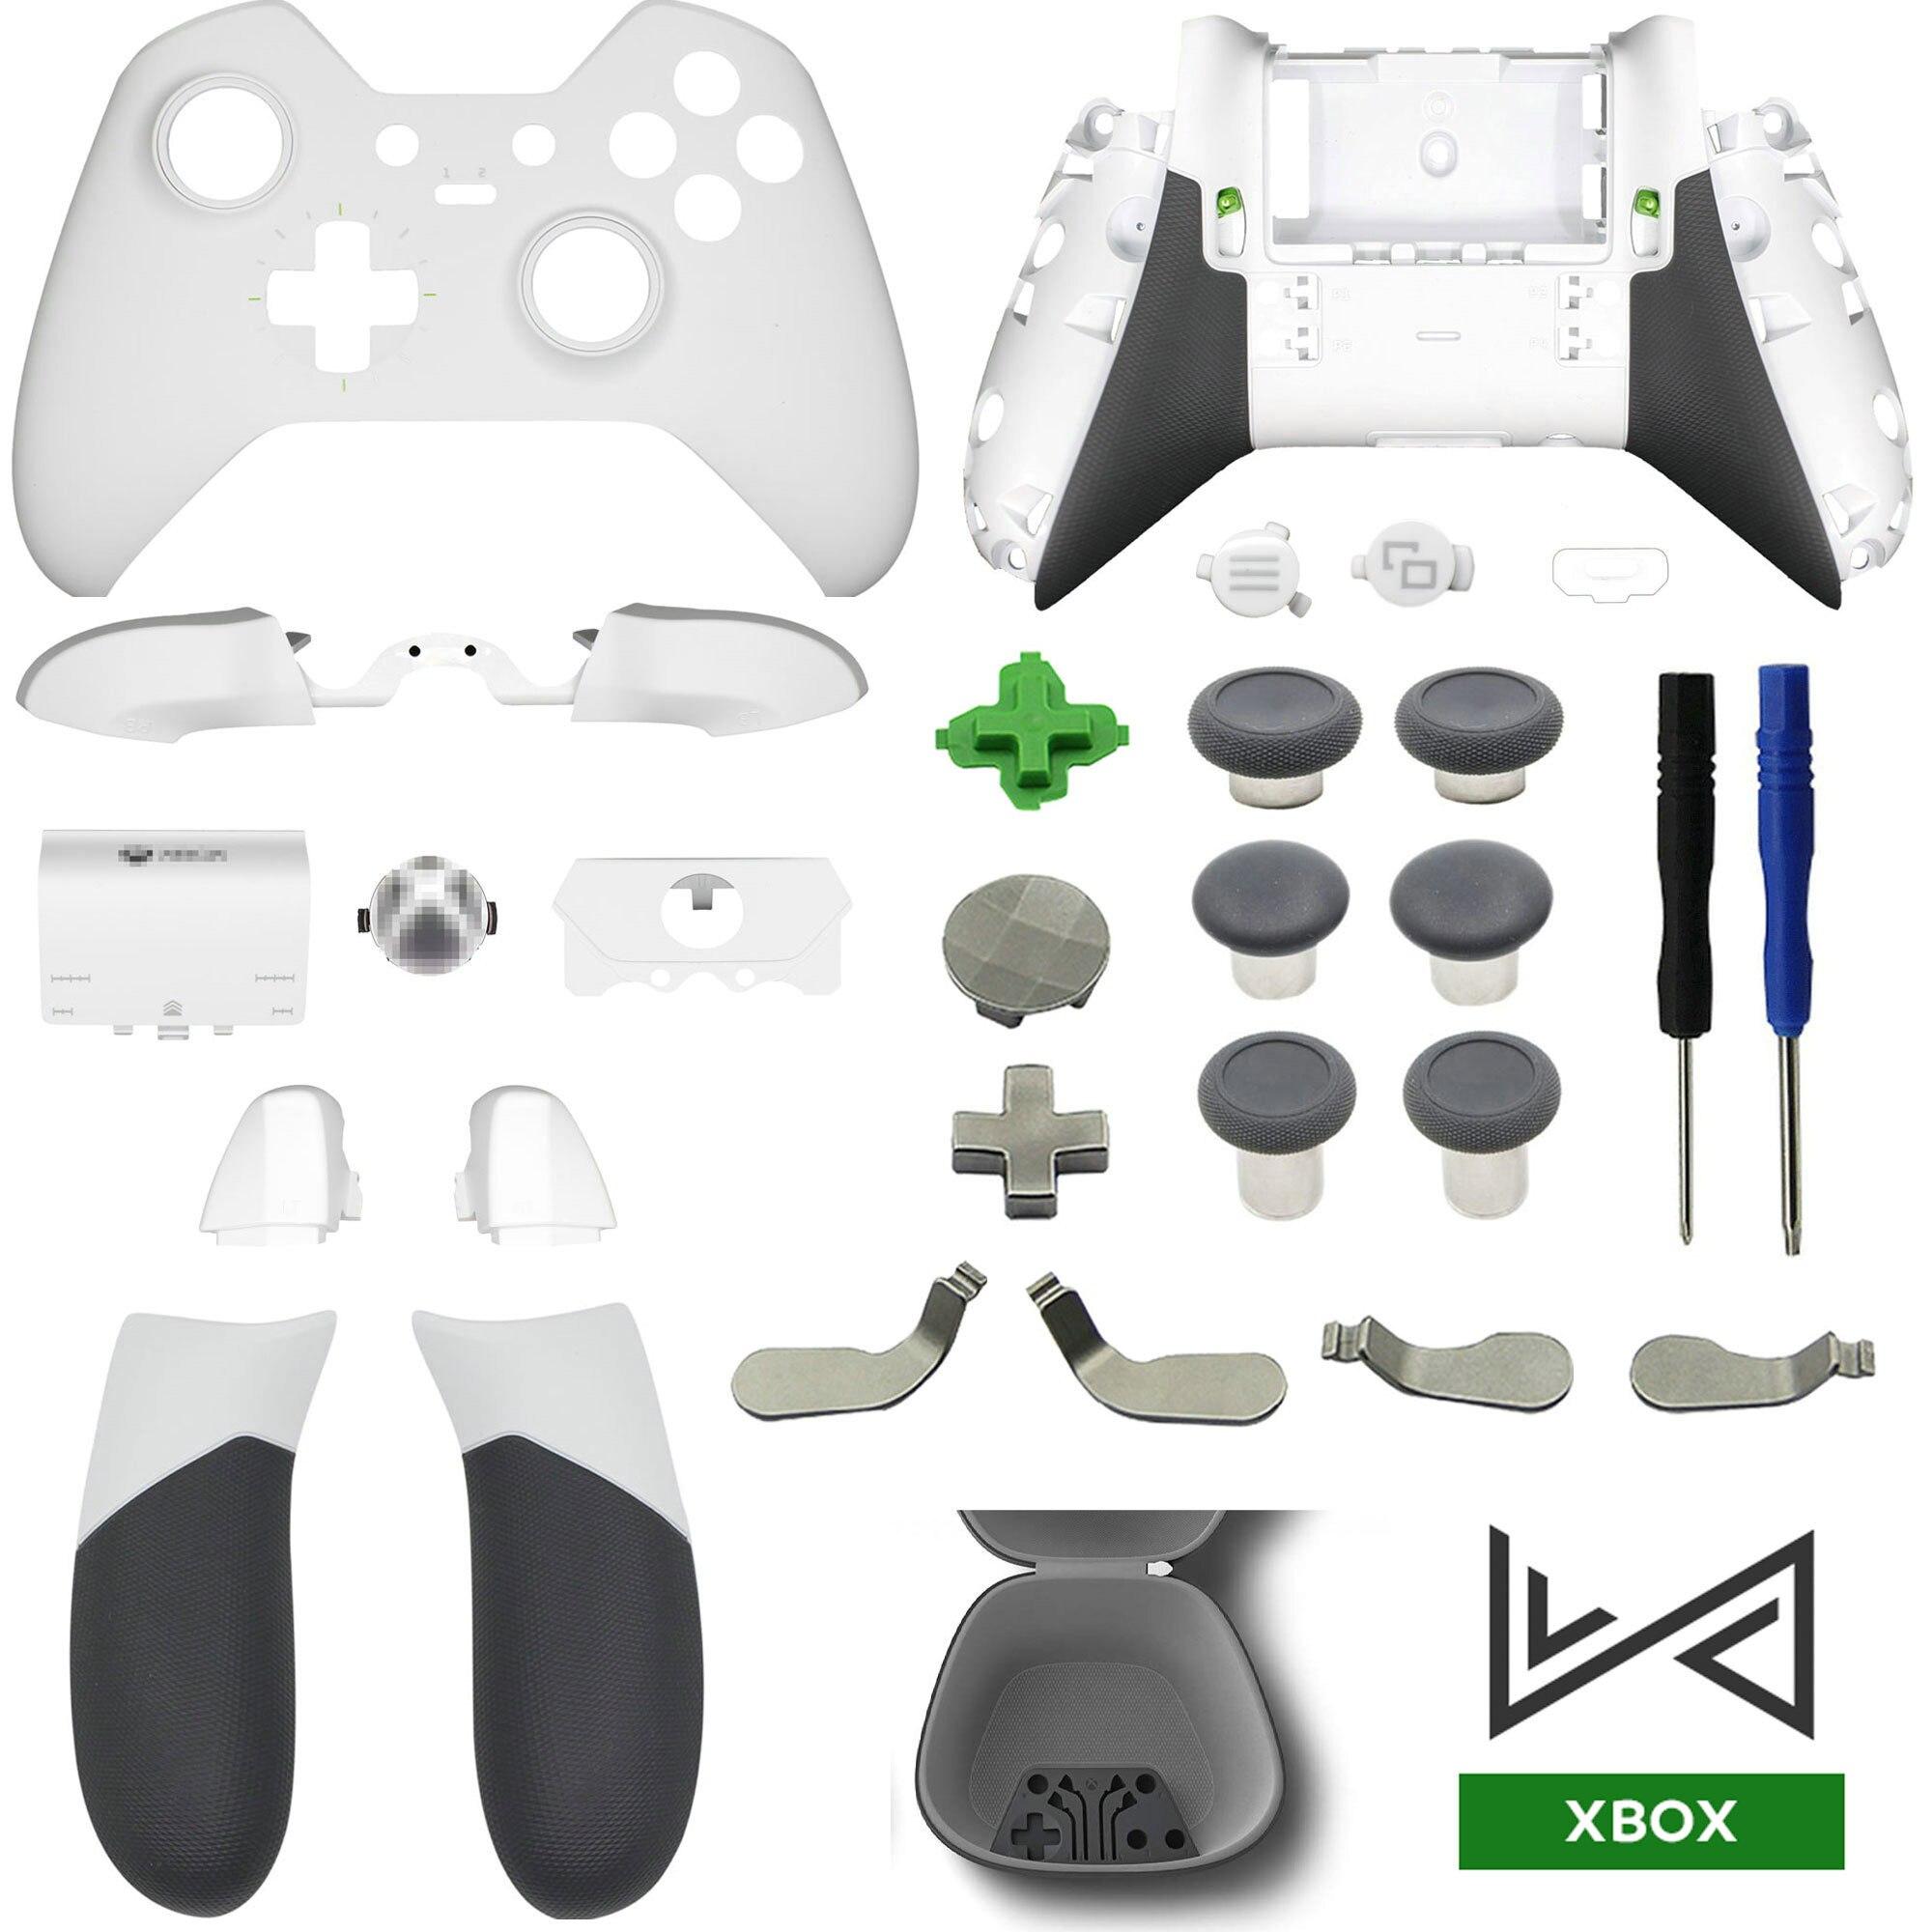 Reparatur Teile Für Xbox Eine Elite Controller Gehäuse Shell Front Fall Back Cover LB RB Stoßstange Griffe Tasten LT RT trigger